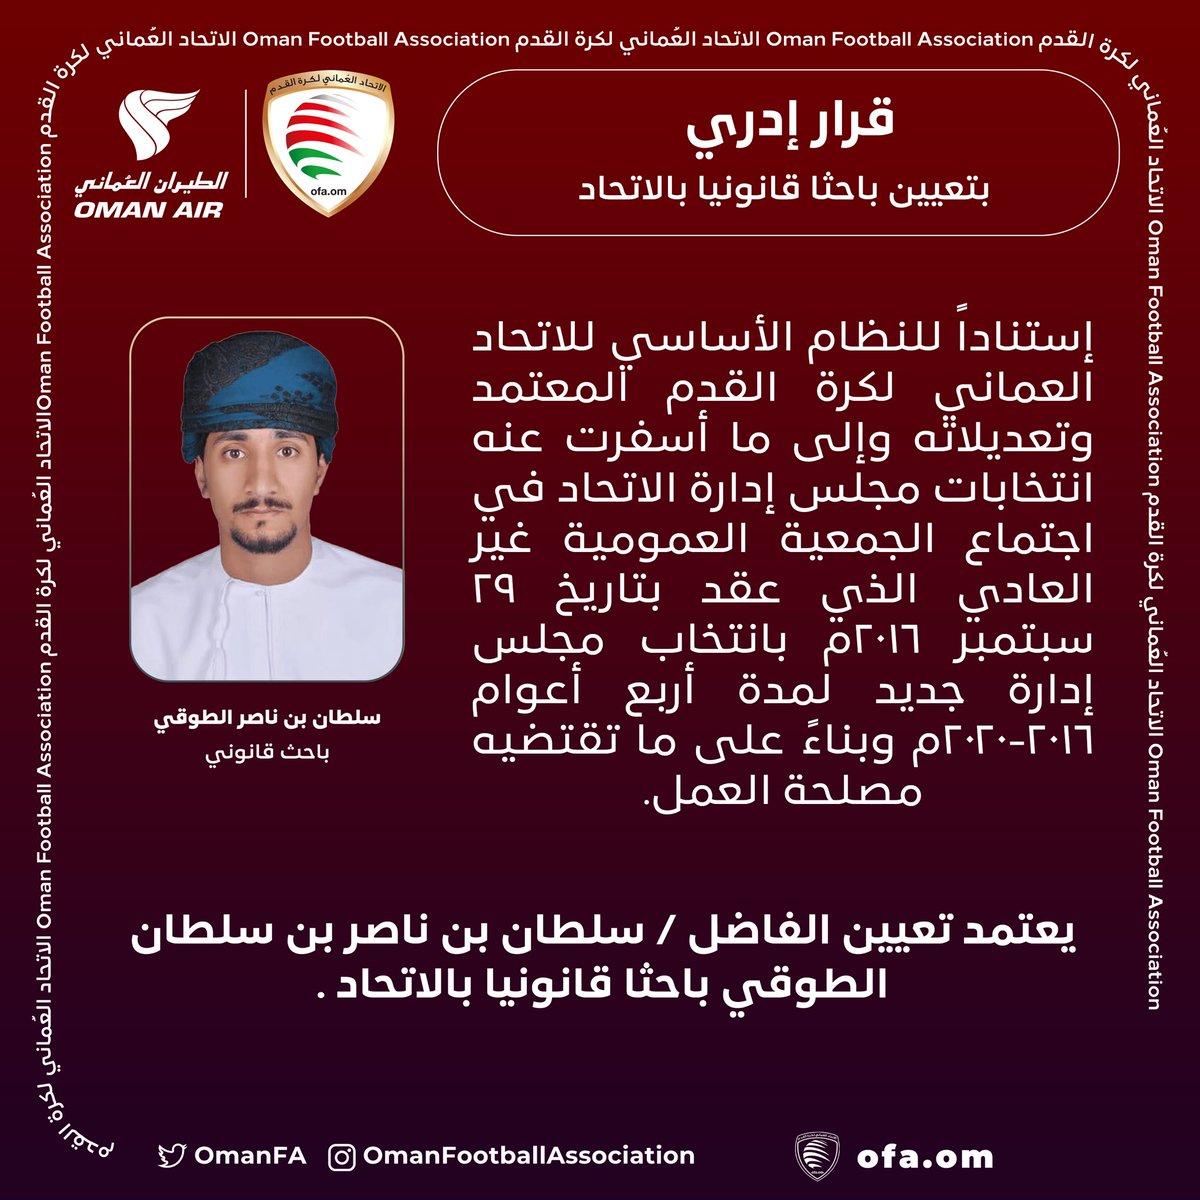 📌 تعيين الفاضل سلطان بن ناصر الطوقي باحثا قانونيا بالاتحاد.